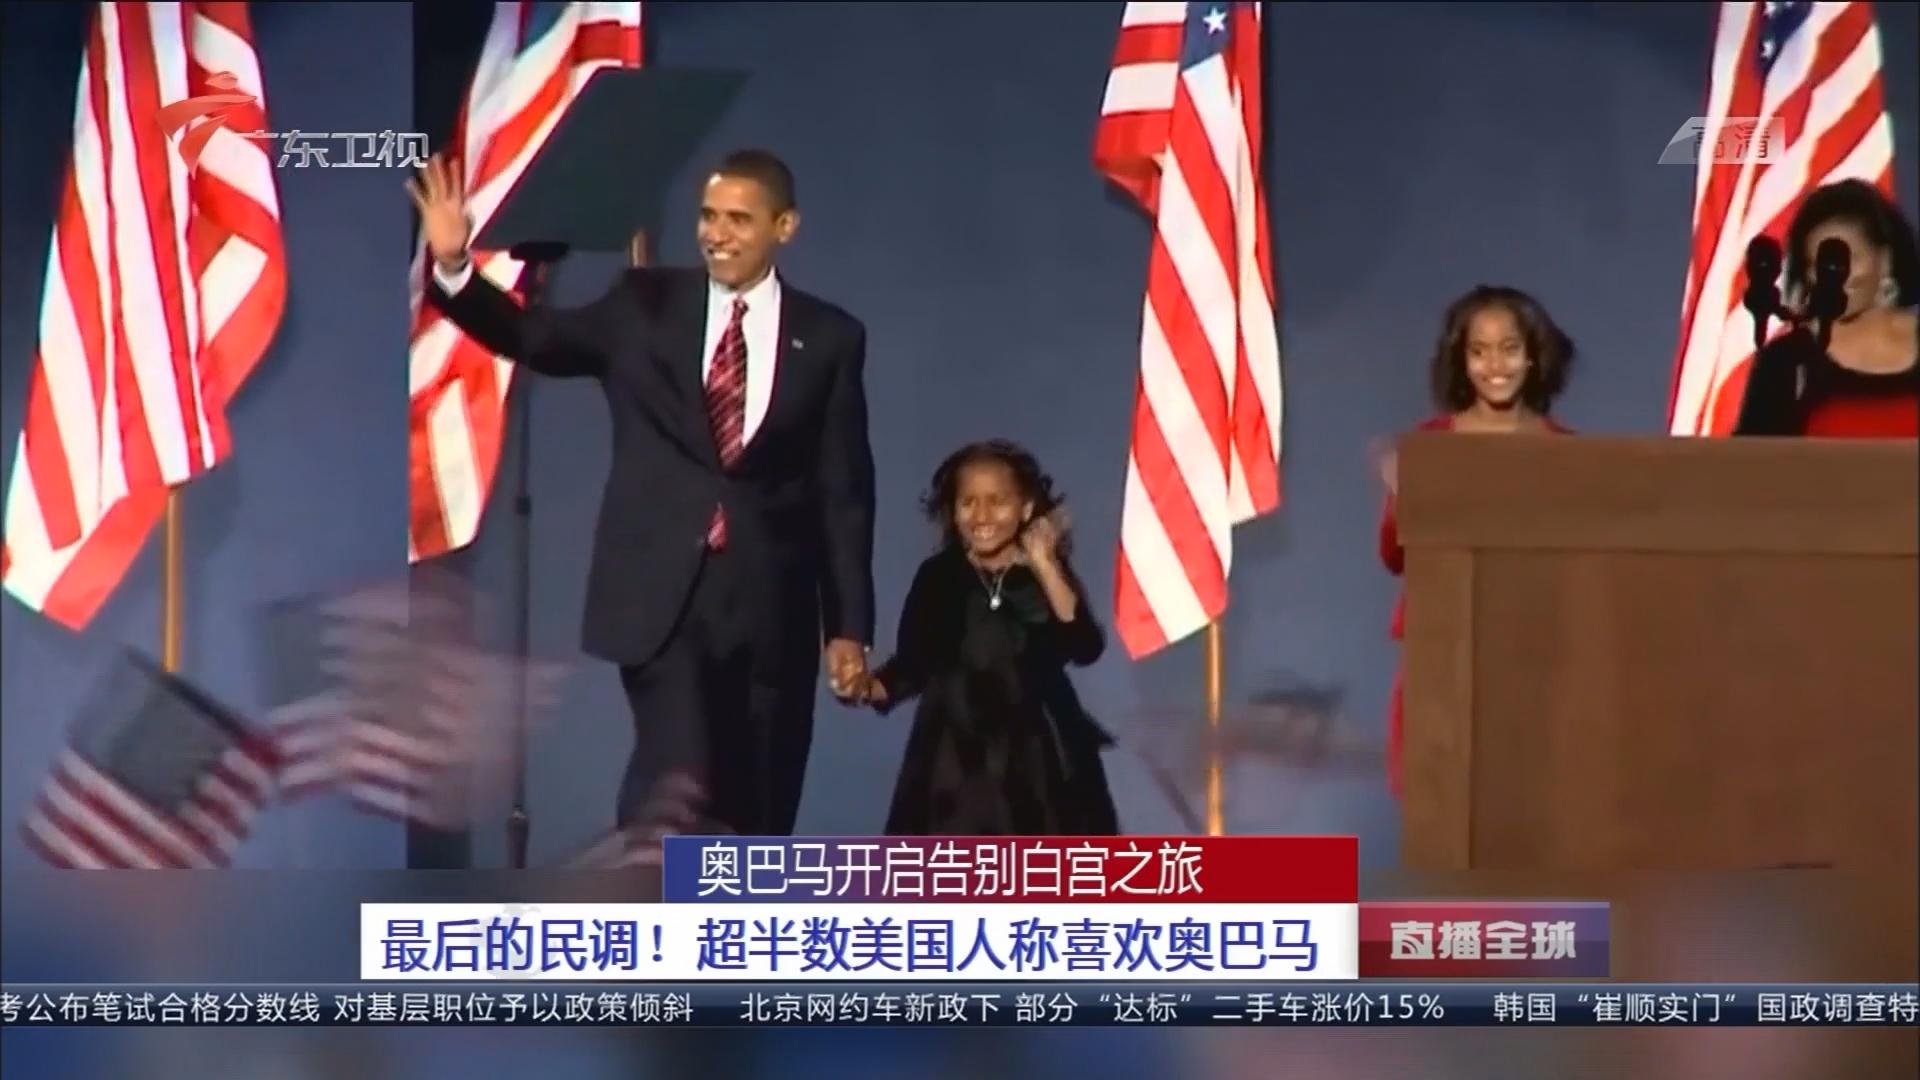 奥巴马开启告别白宫之旅:最后的民调!超半数美国人称喜欢奥巴马